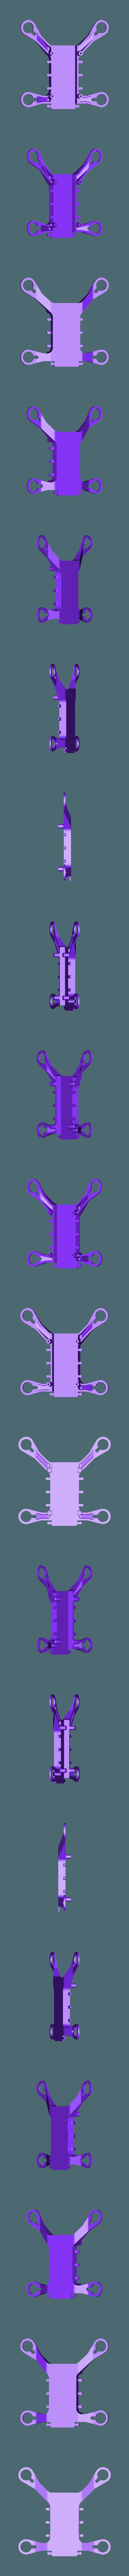 QX95_chassis_V1.stl Download free STL file QX95 reinforced frame • 3D printable model, r083726